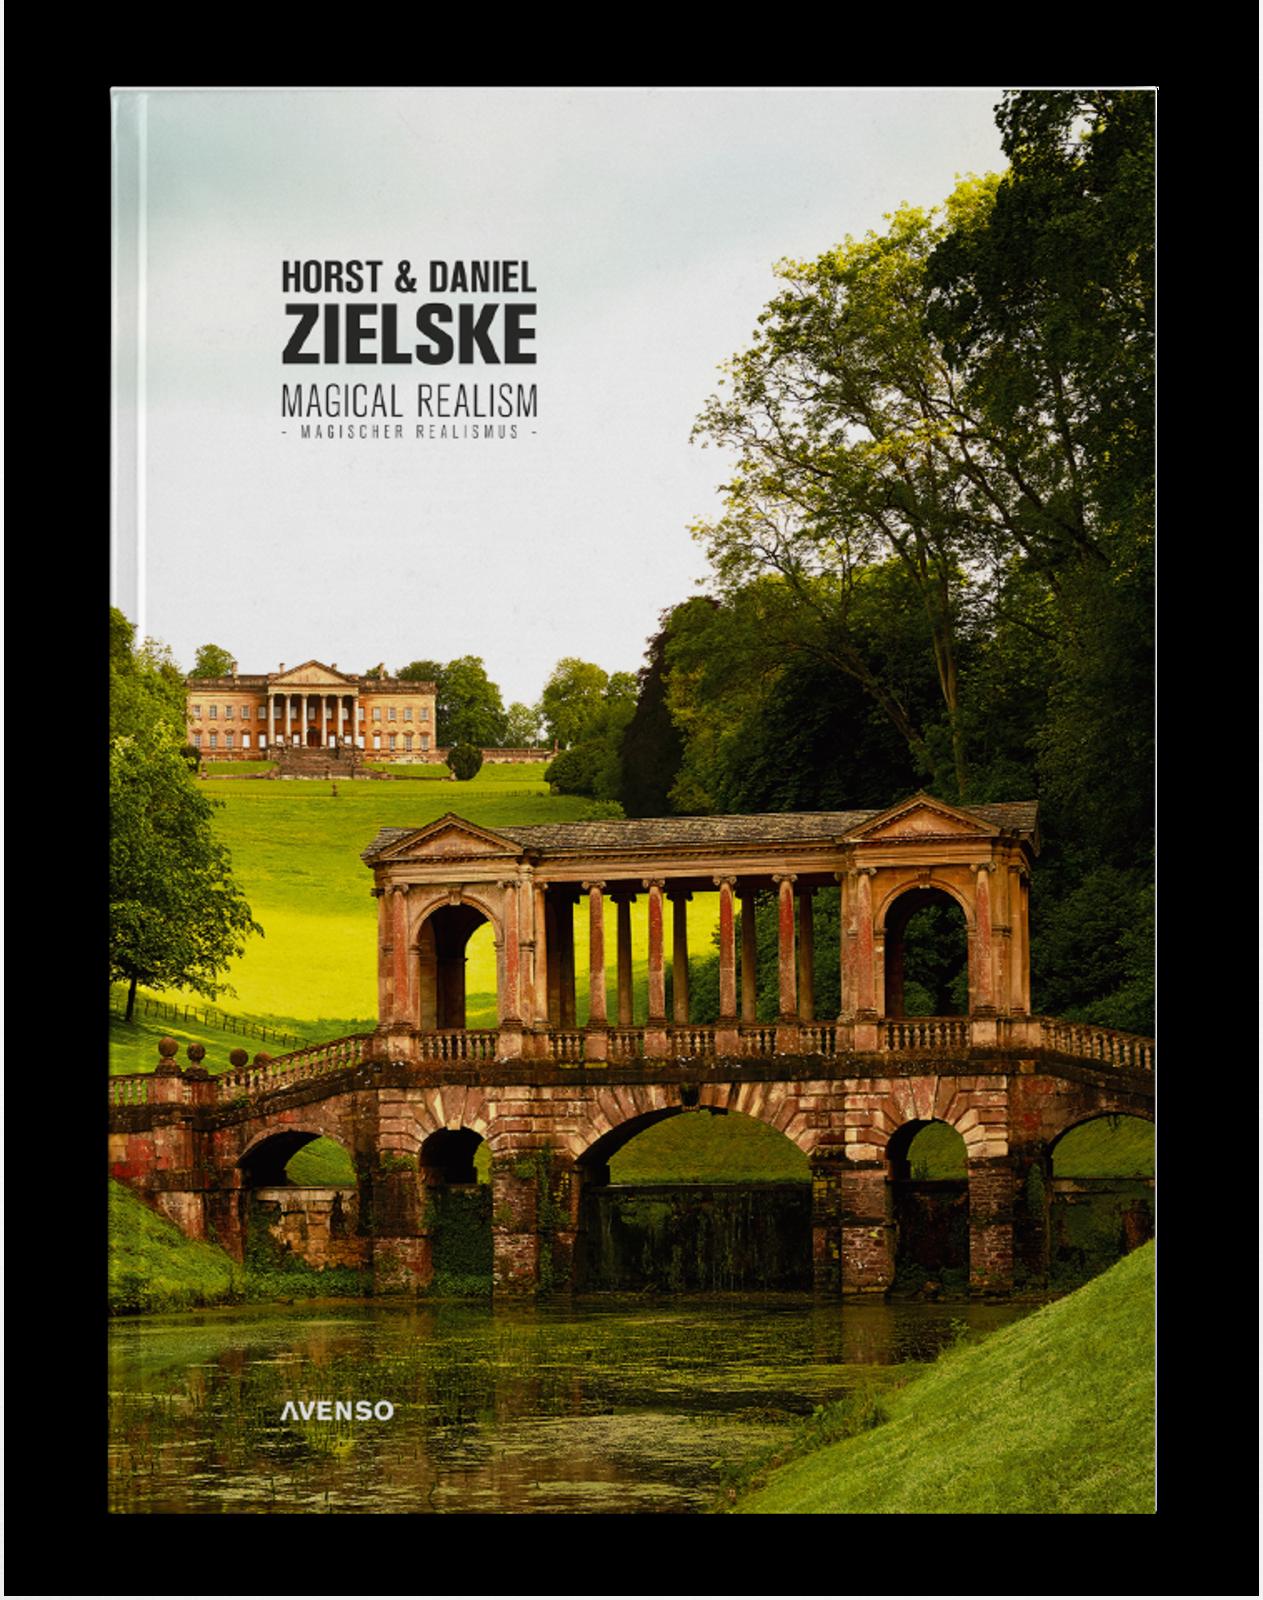 Horst & Daniel Zielske - Magical Realism - Horst & Daniel  Zielske